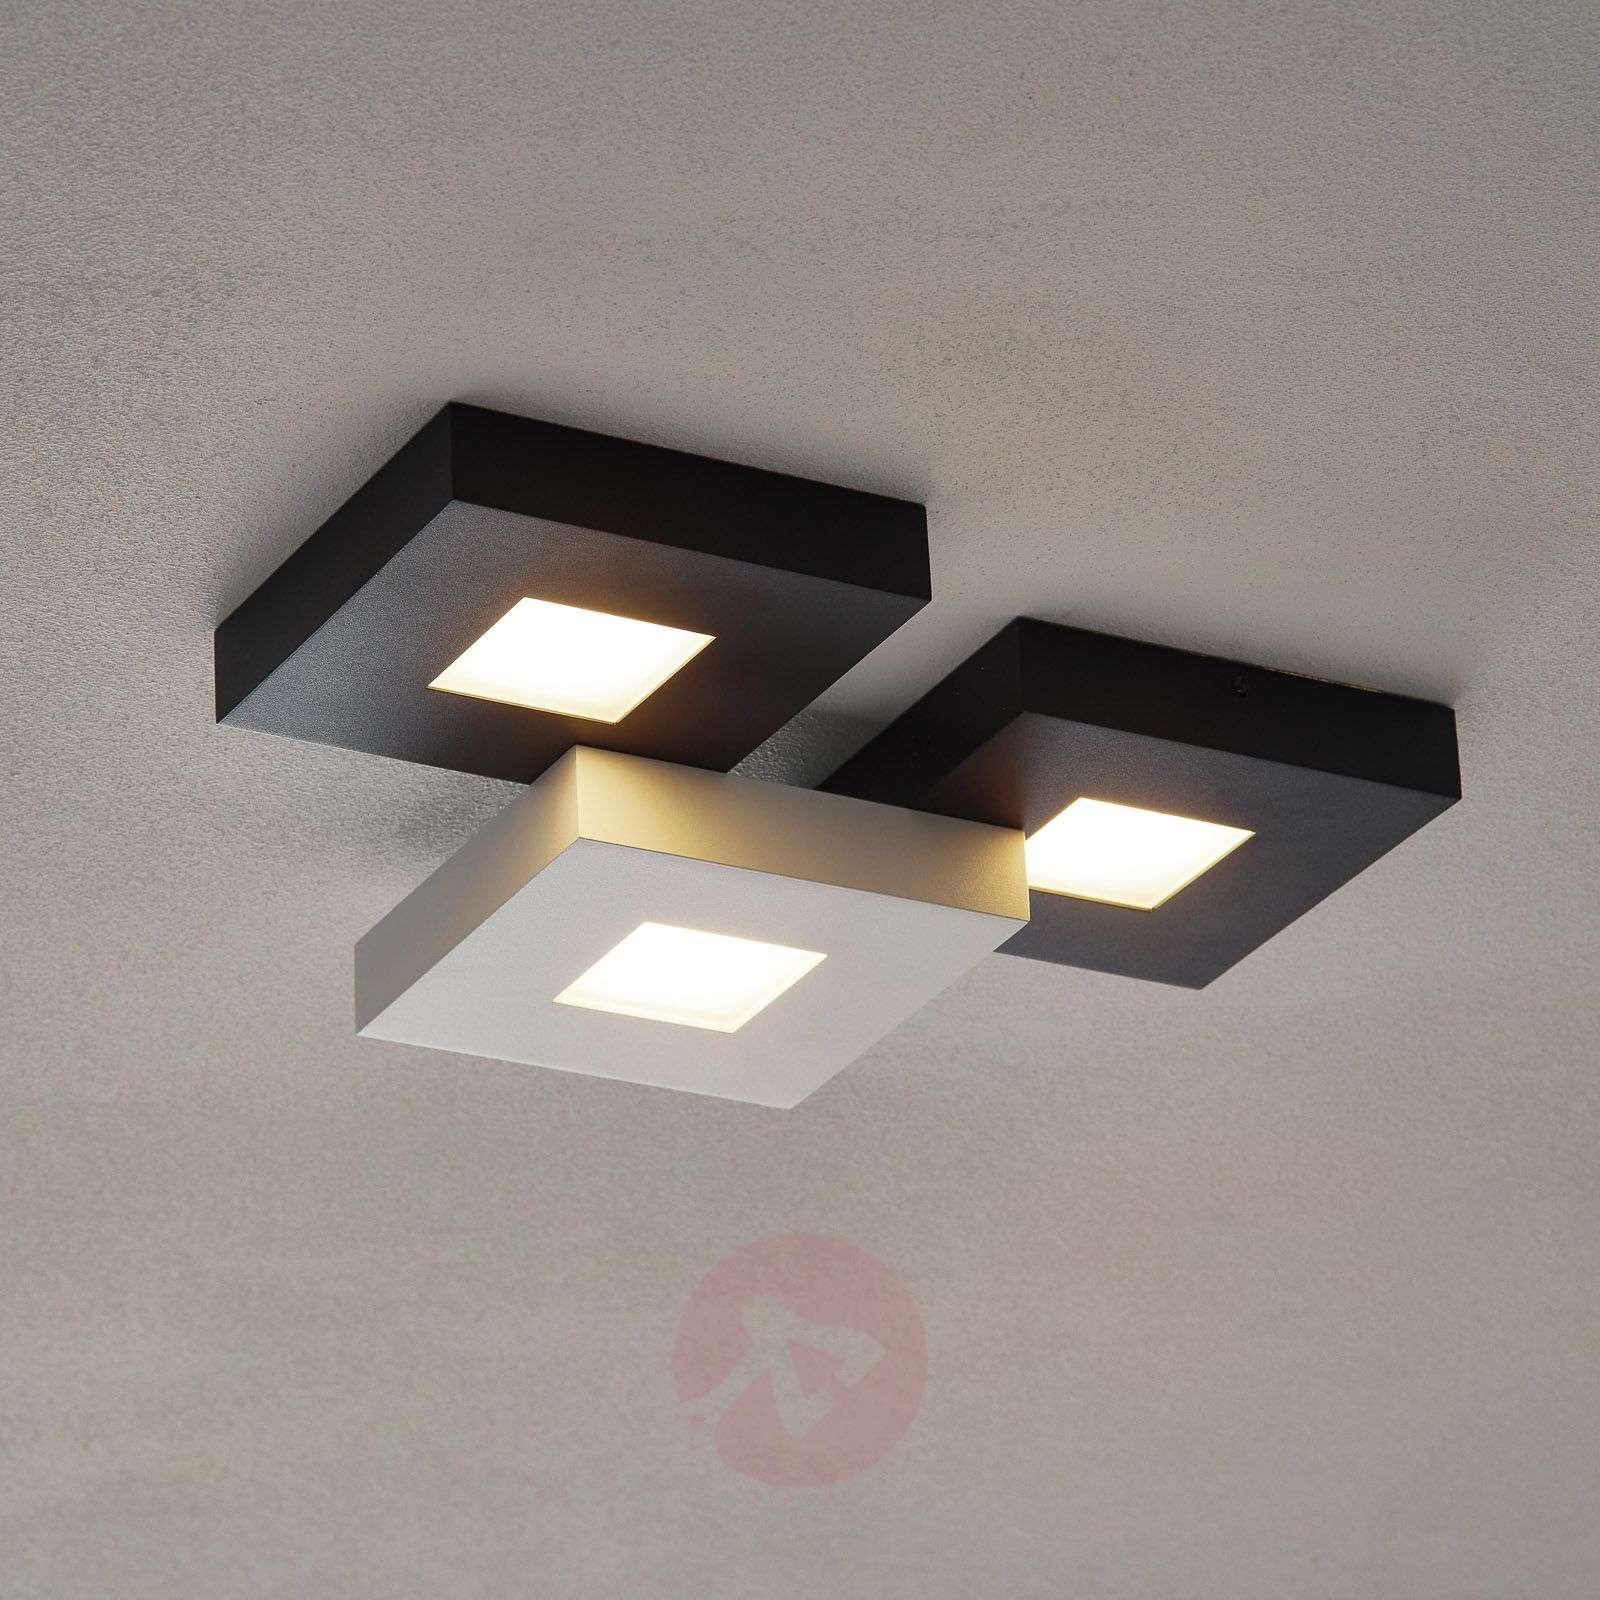 3-lamppuinen LED-kattovalaisin Cubus, mustavalk.-1556075-01